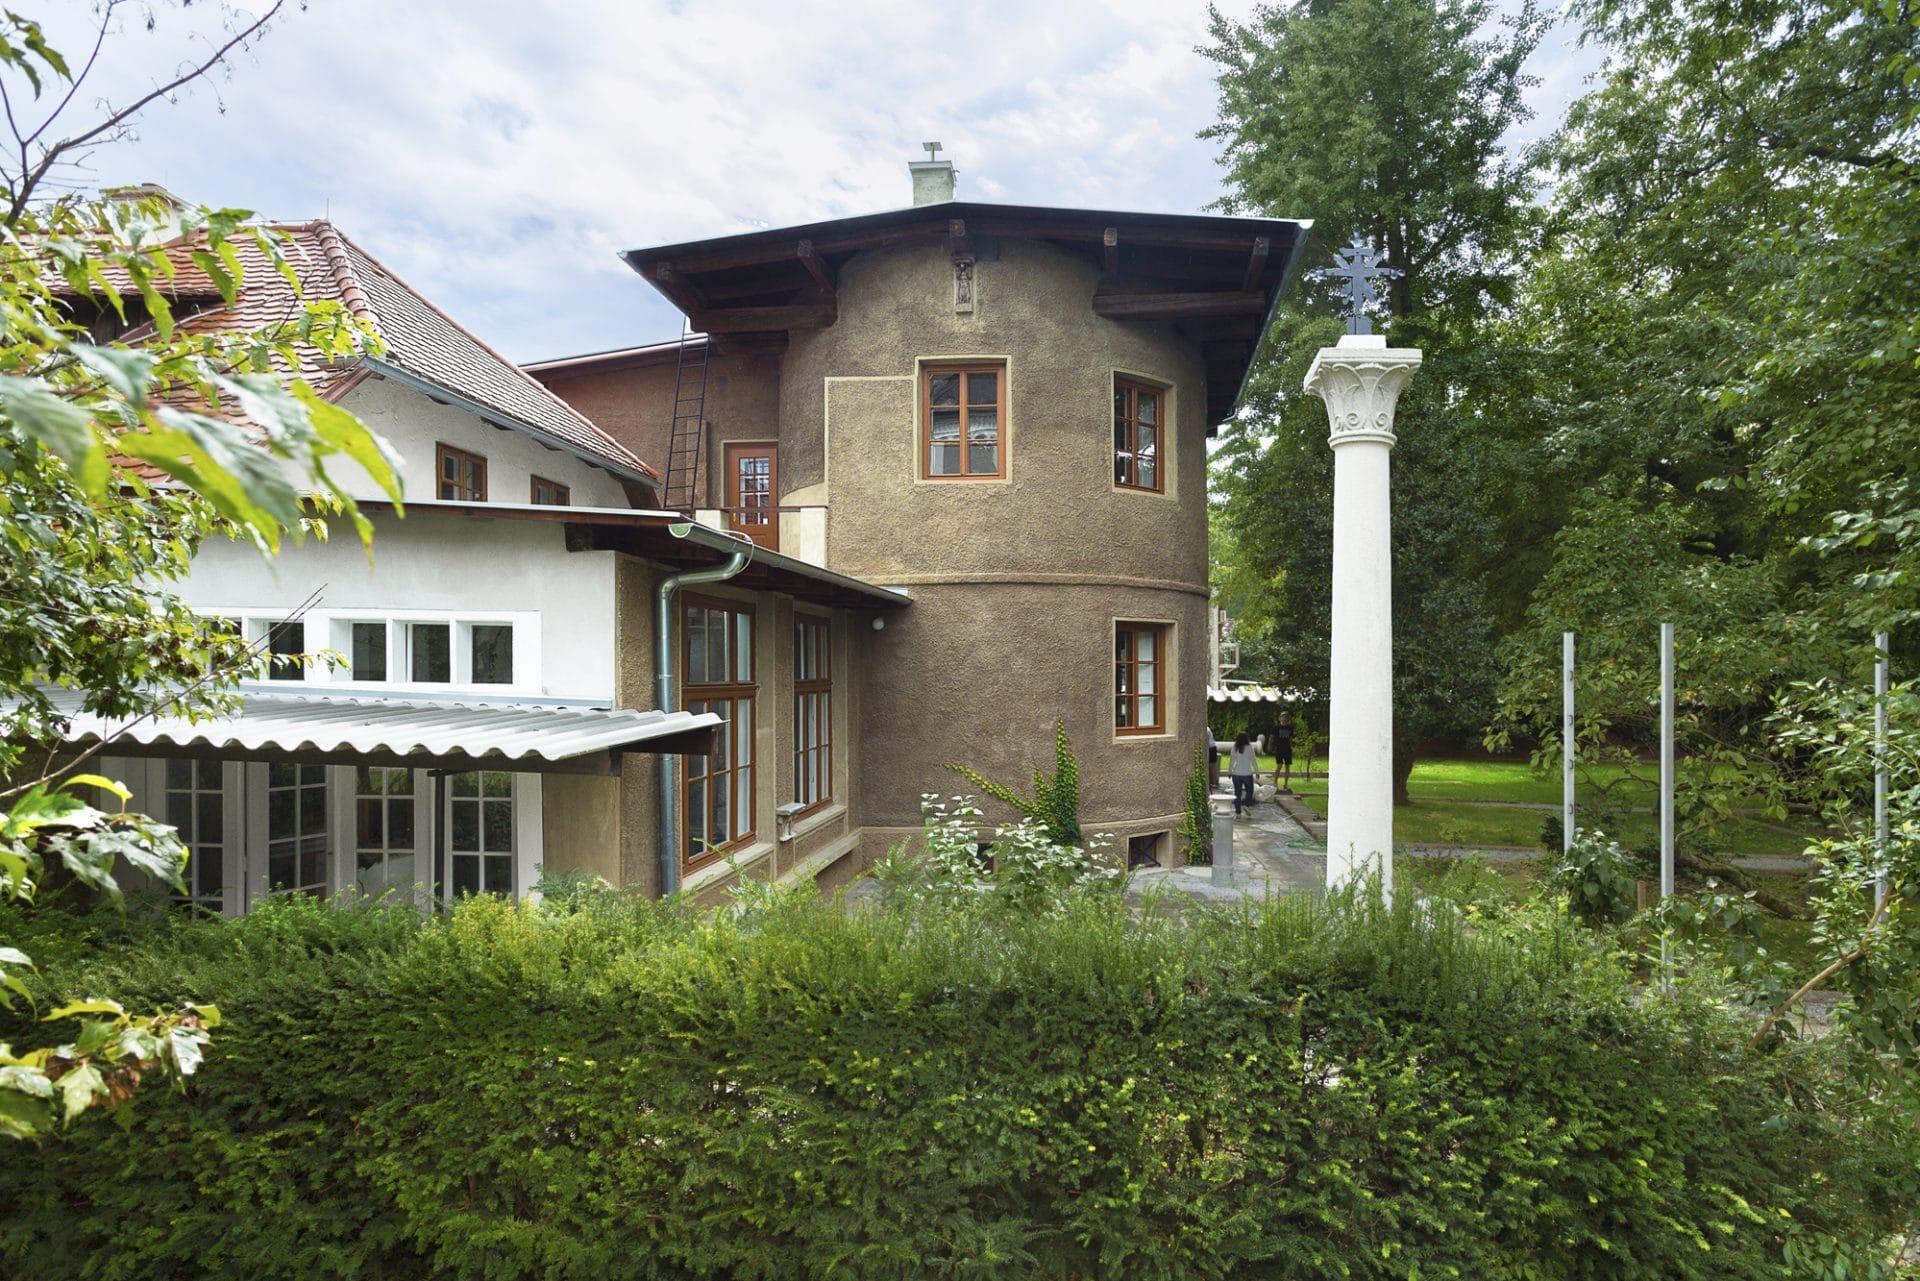 Jože Plečnik House museum in Ljubljana